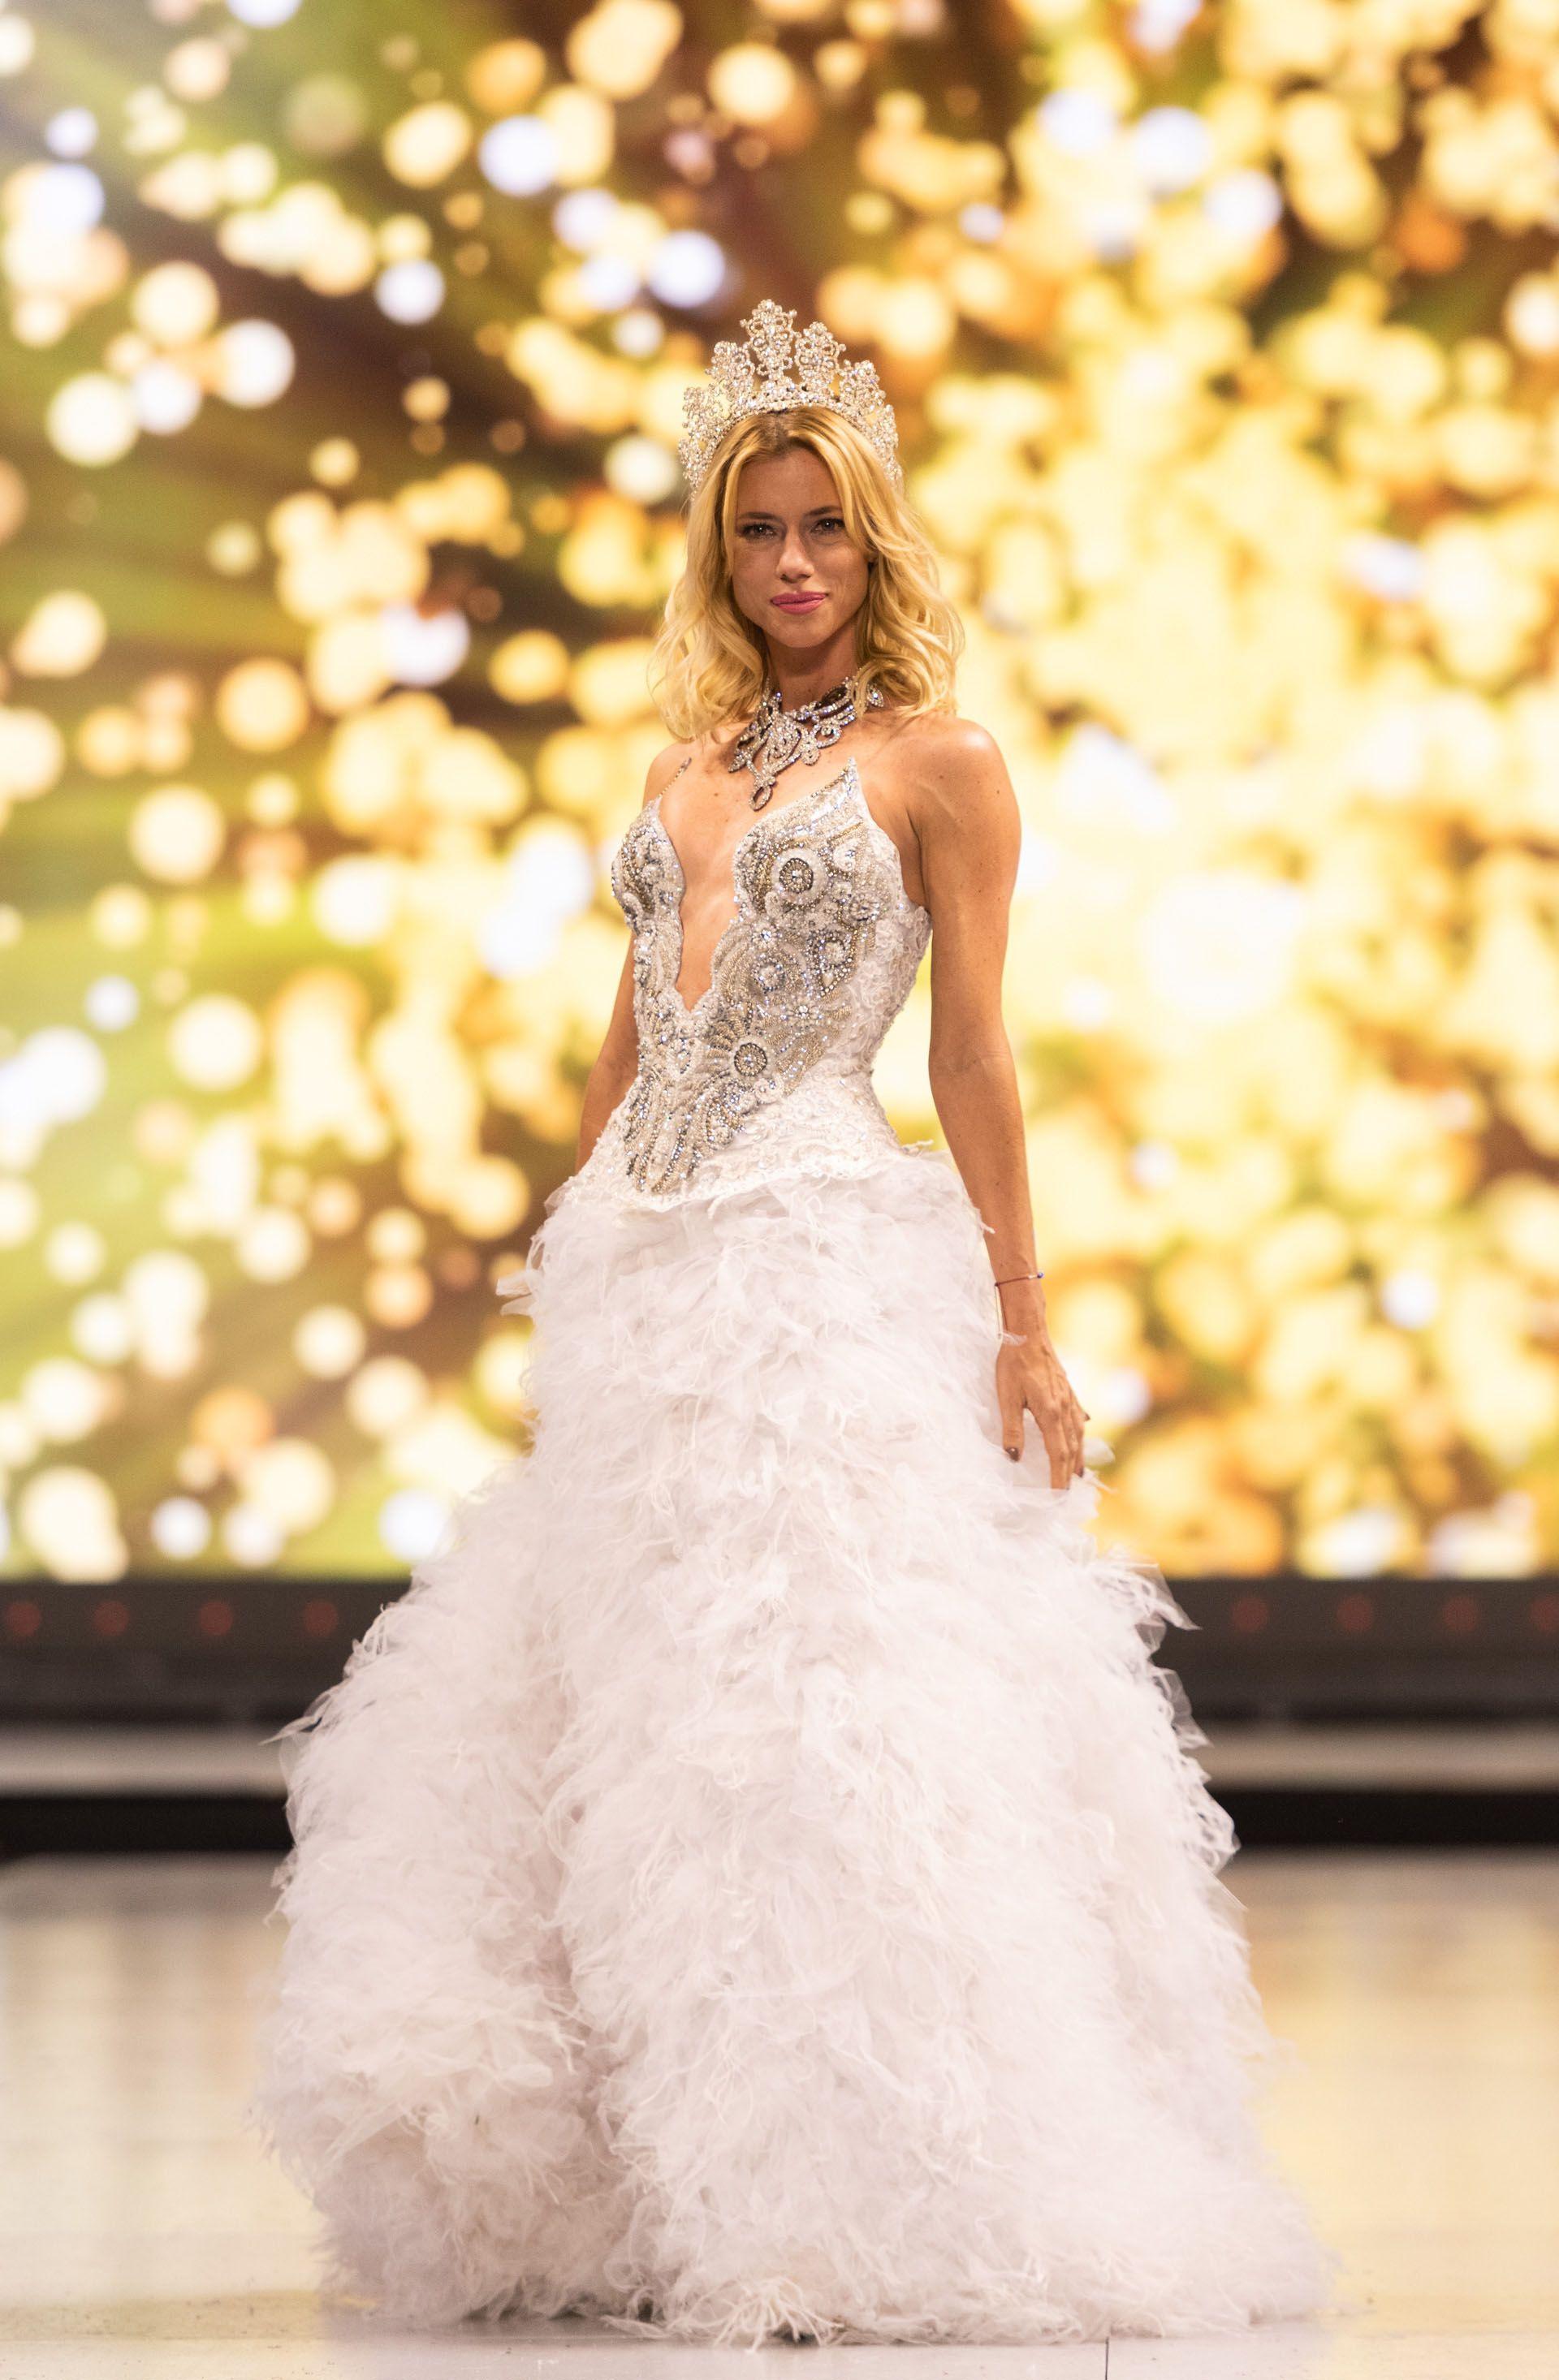 Nicole Neumann fue elegida por Péndola para cerrar su desfile. ¿El vestido seleccionado para la top model?: blanco, un gran escote y plumas